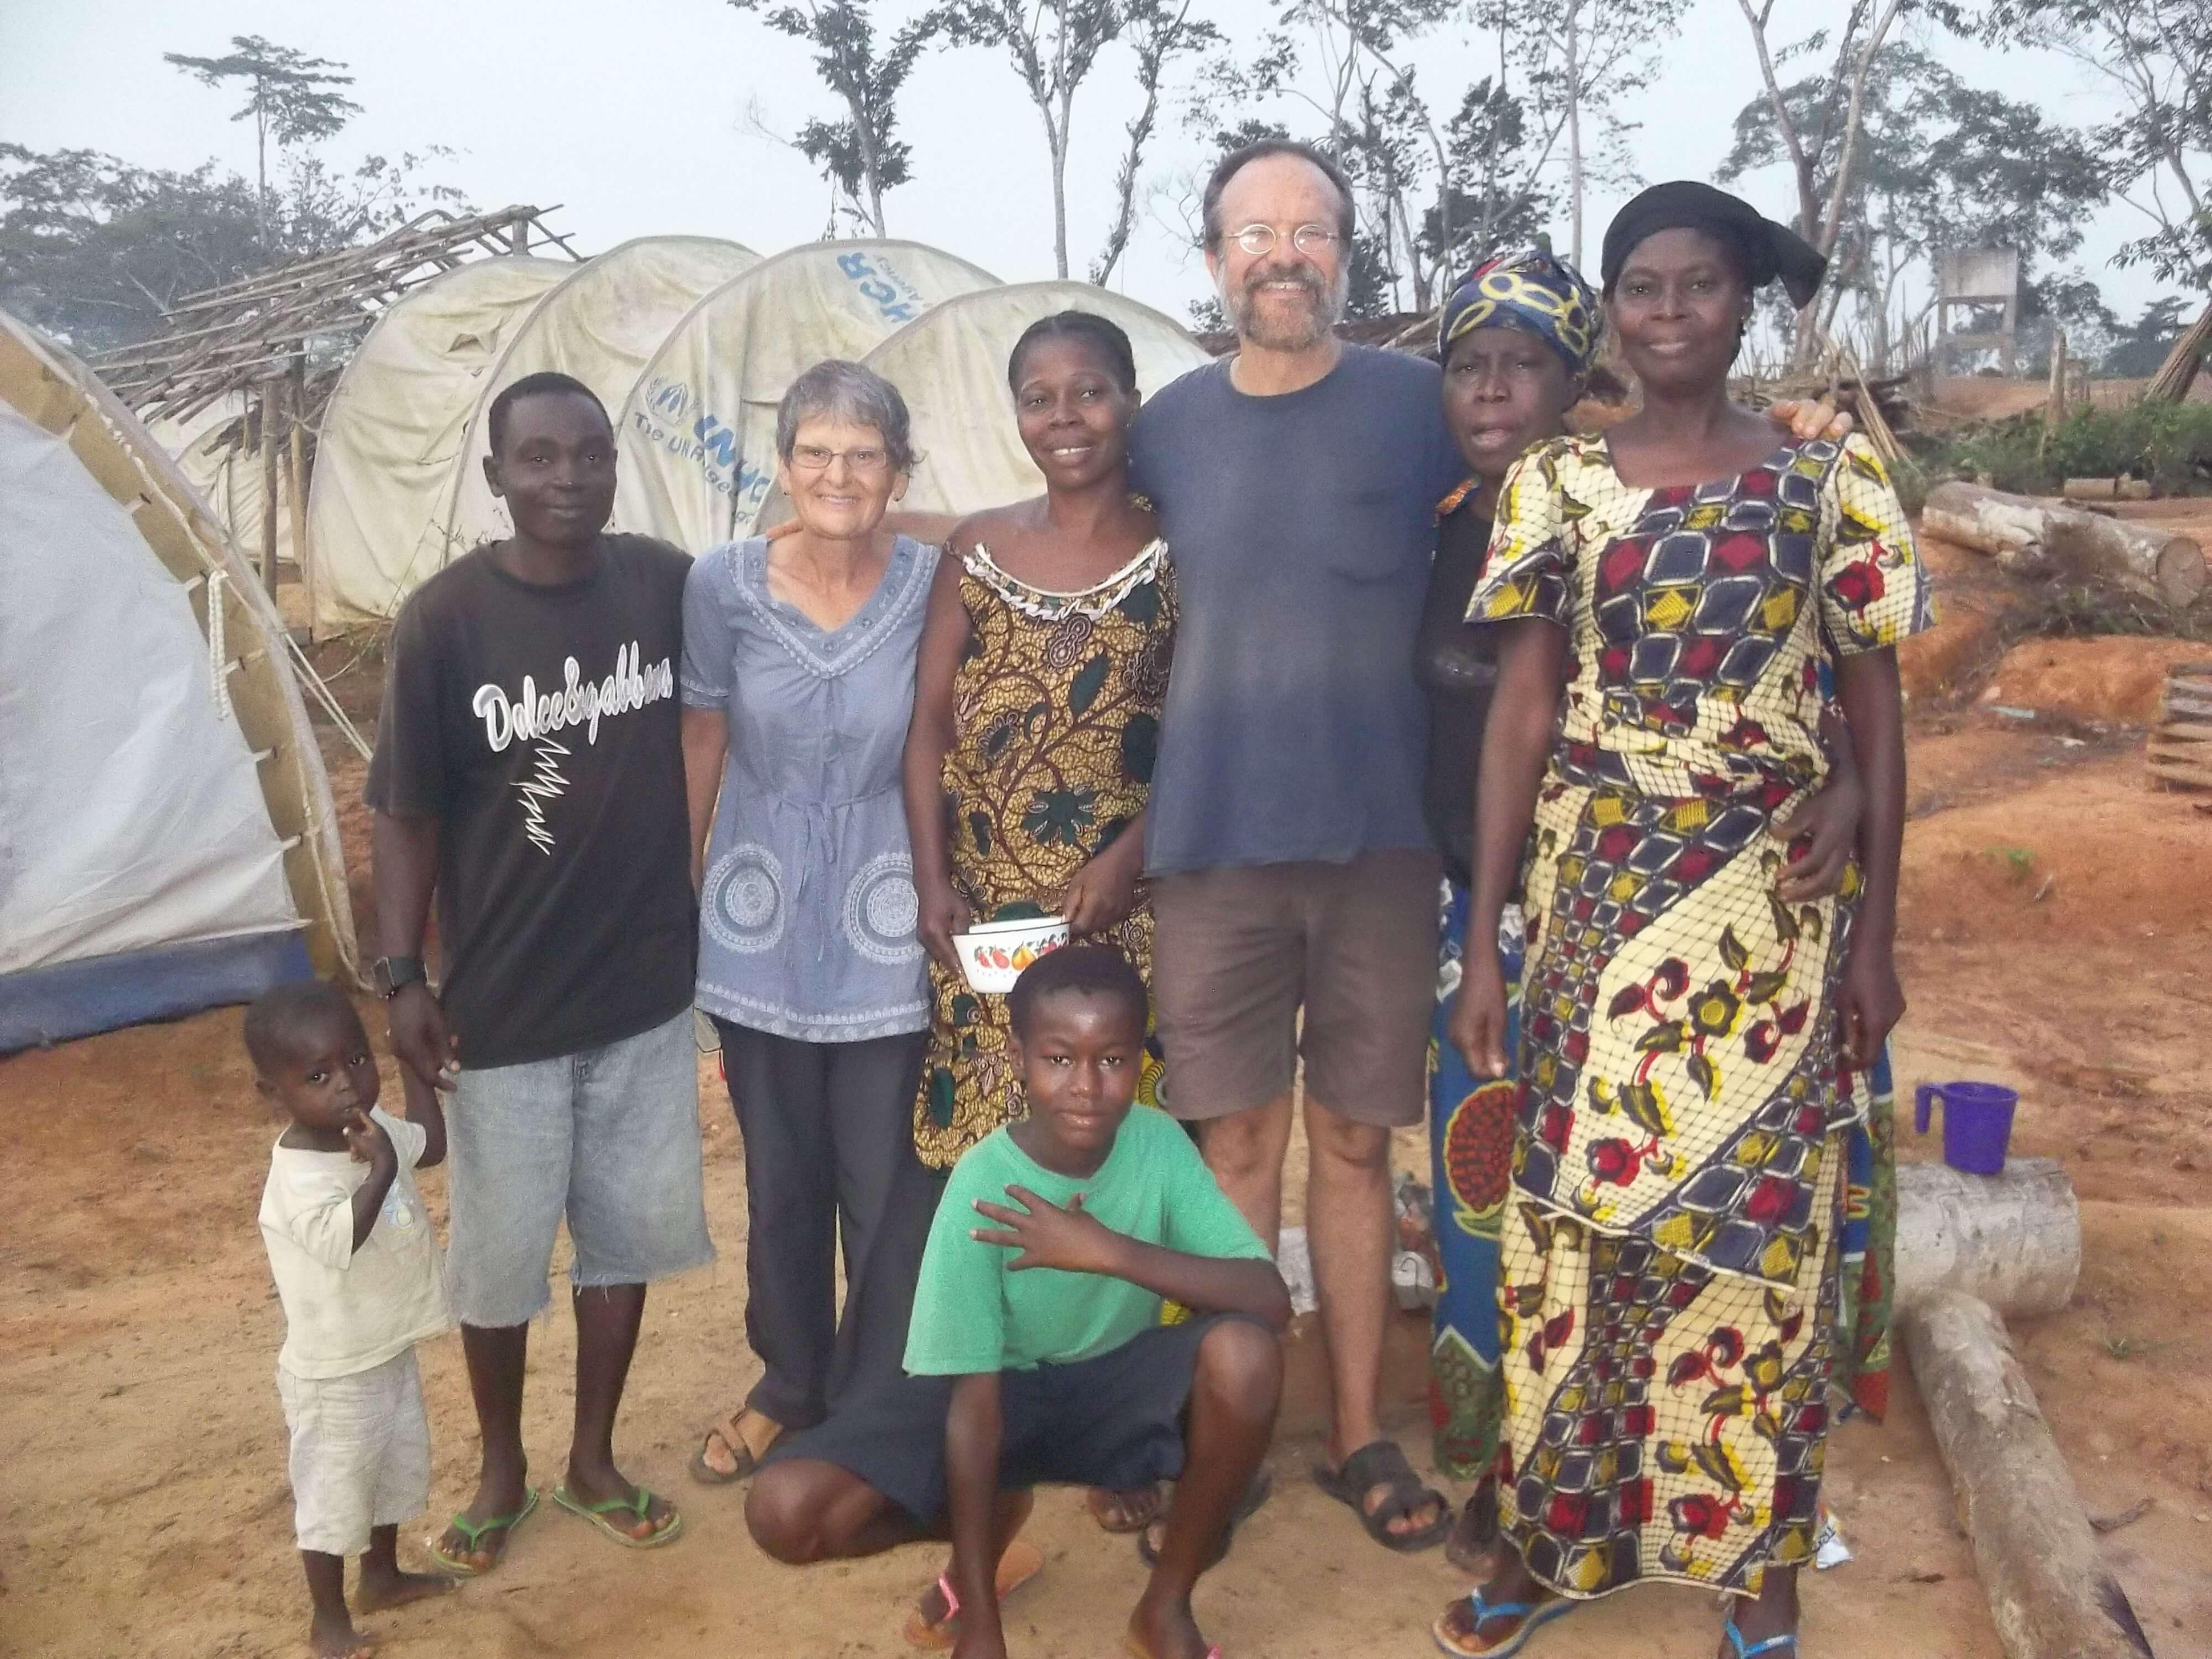 Avec Kim nous allons partager cette tente qu'une sœur réfugiée  de Côte d'Ivoire  nous a gentimment